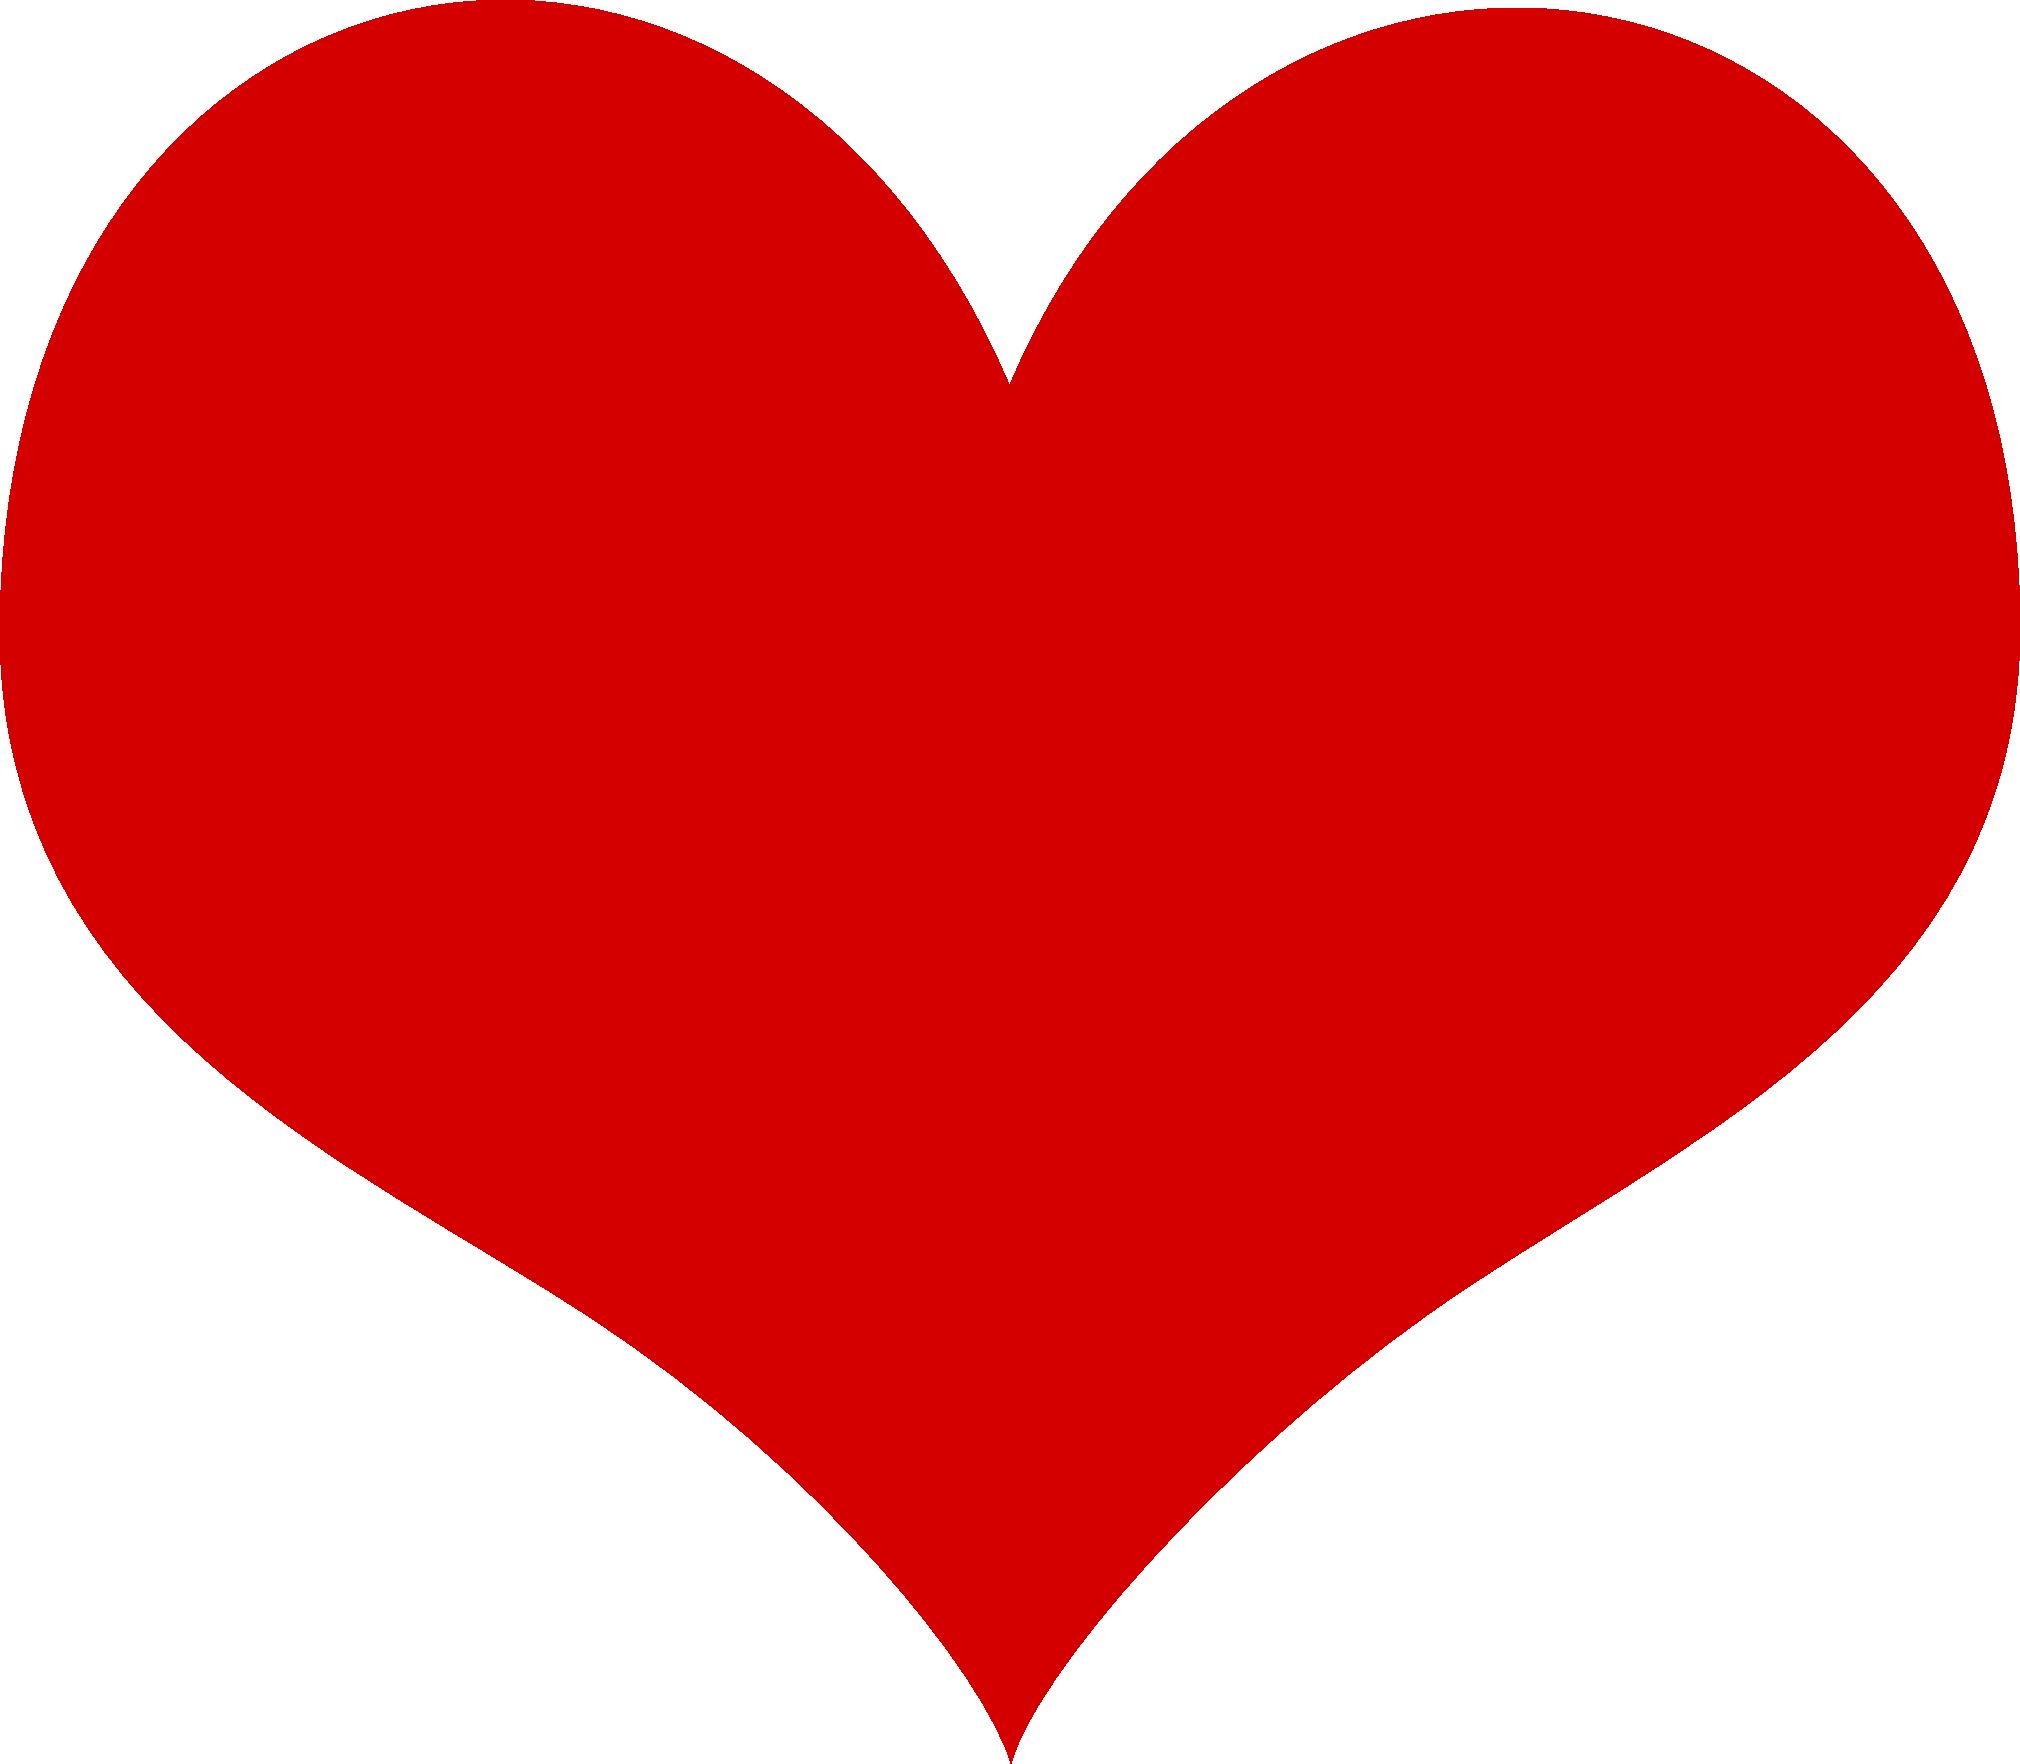 heart-8.jpg